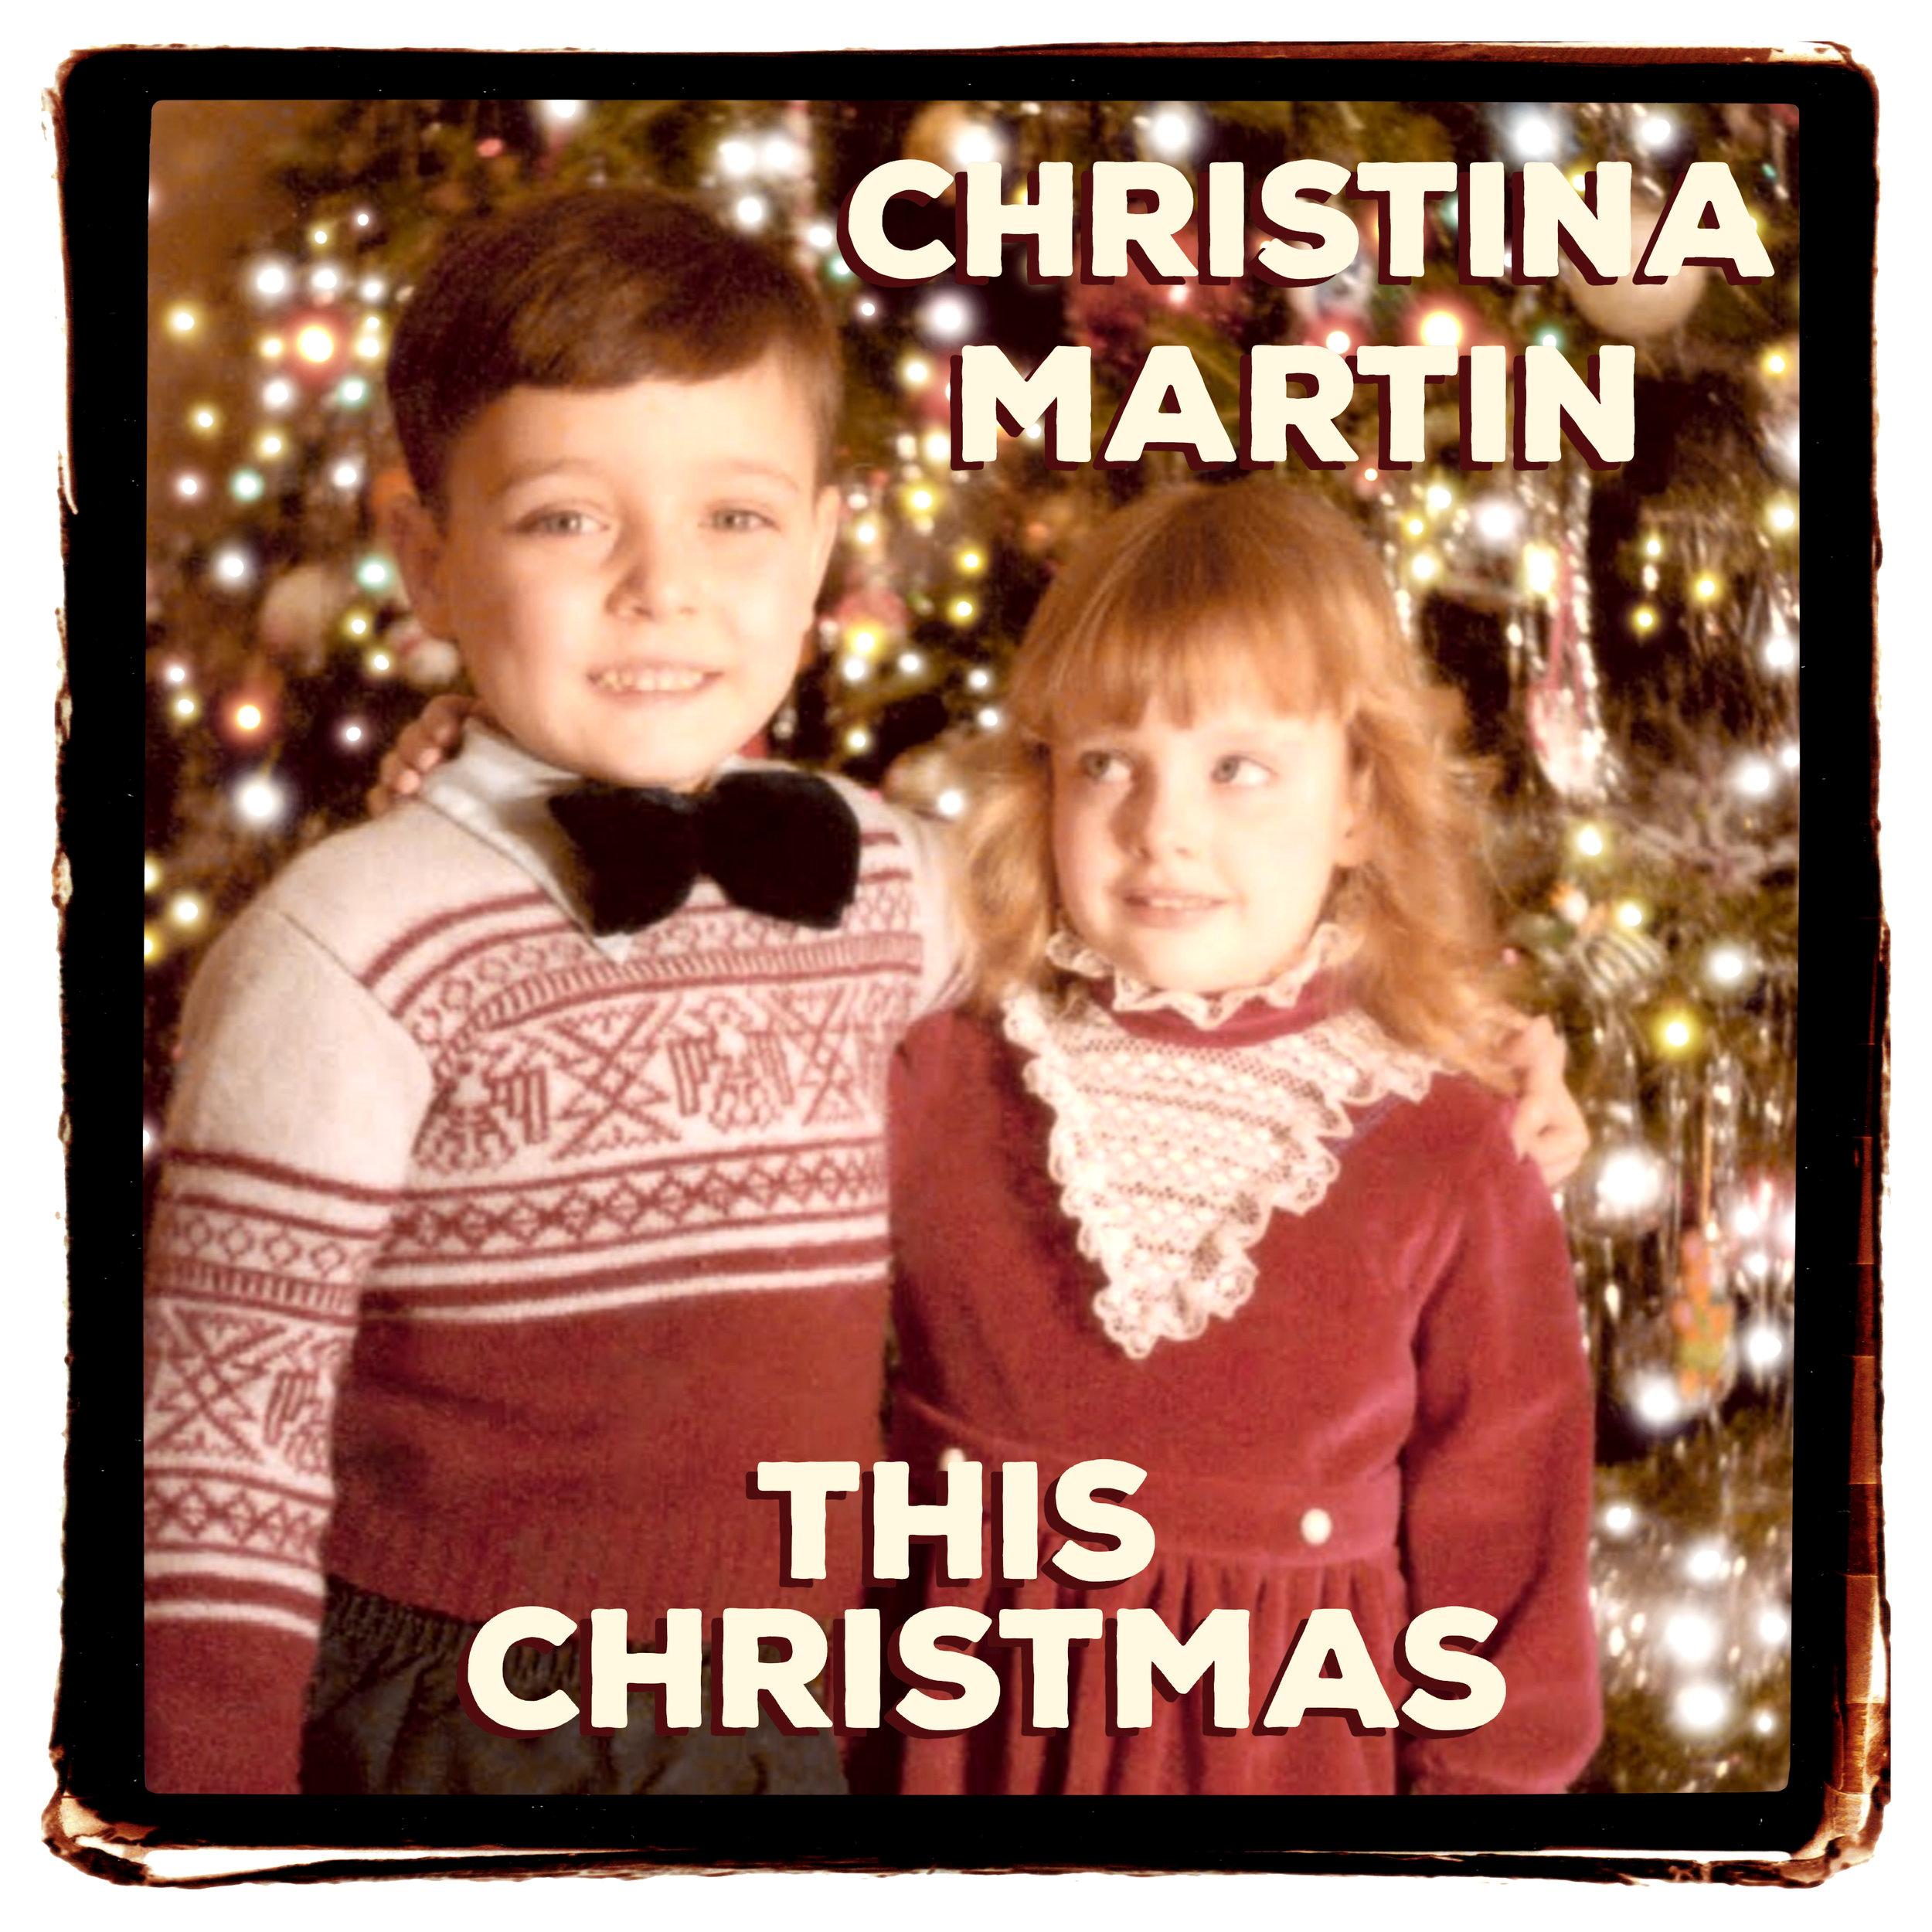 This christmas - Holiday Single